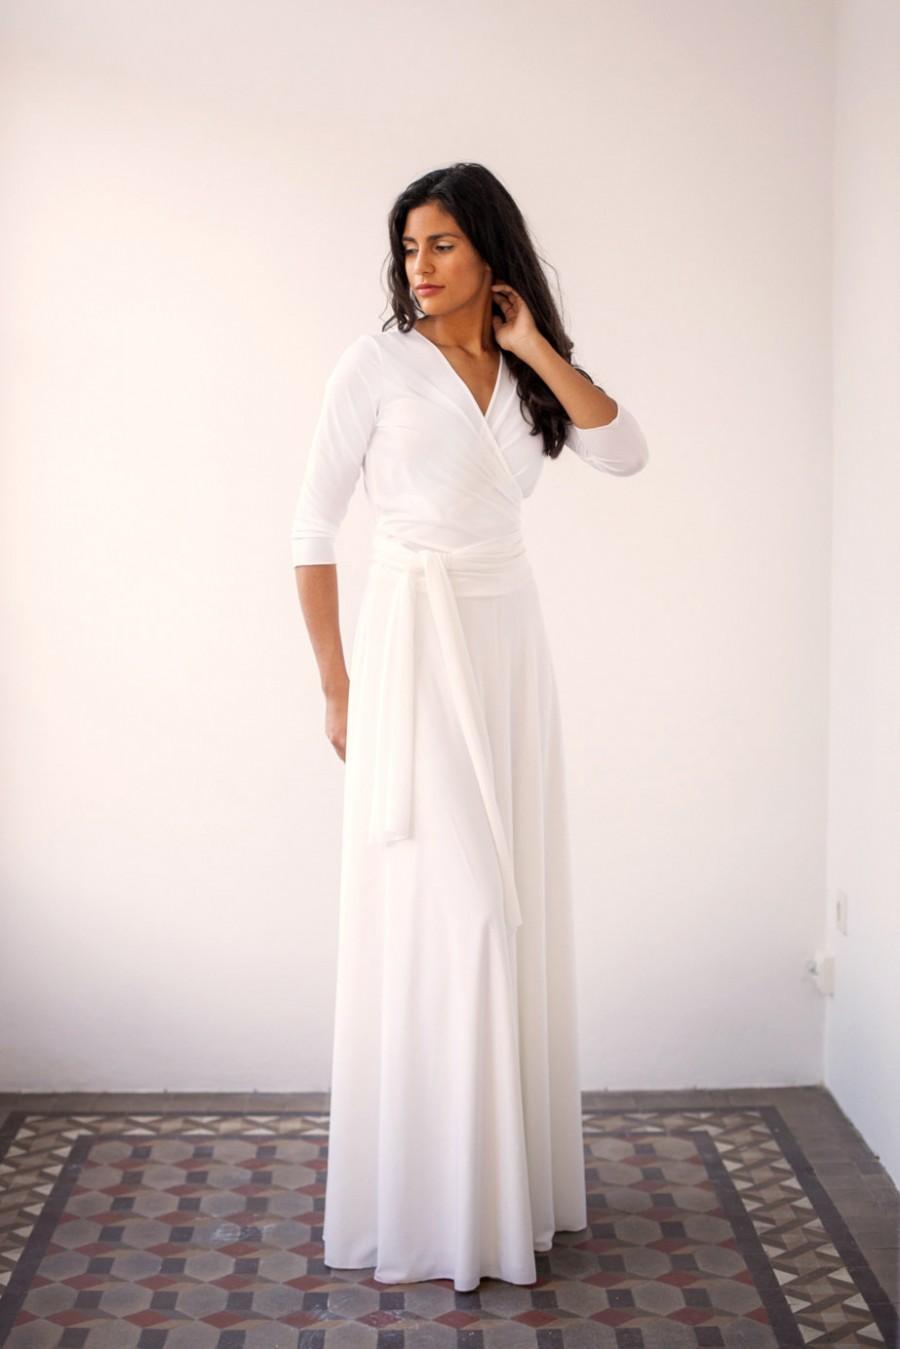 زفاف - Wedding wrap dress, wedding dress, long wrap dress, long white dress with sleeves, long sleeved wedding dress, white long sleeves wrap dress